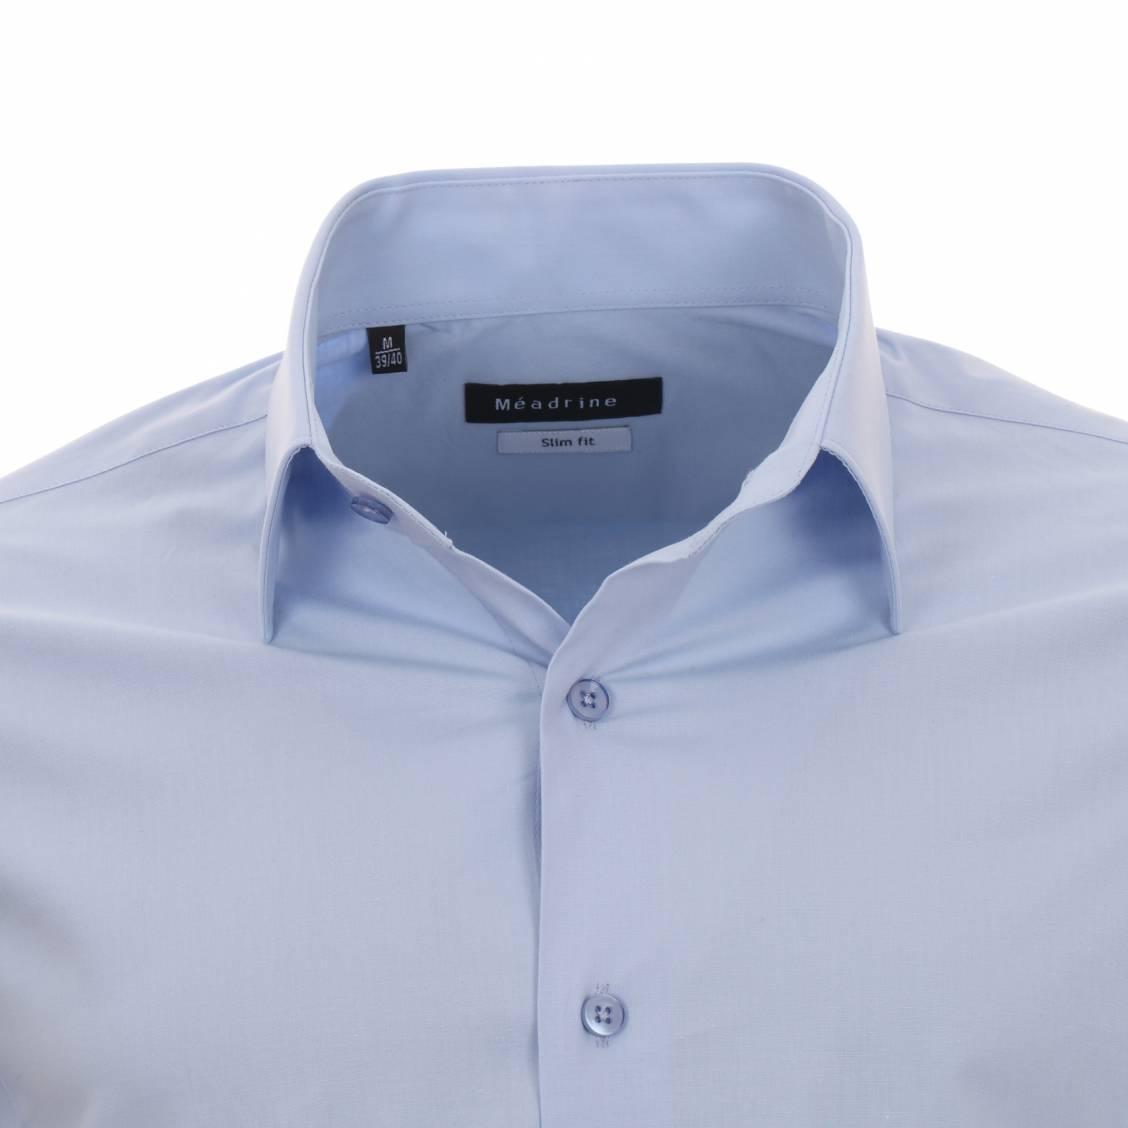 chemise cintrée homme bleu ciel